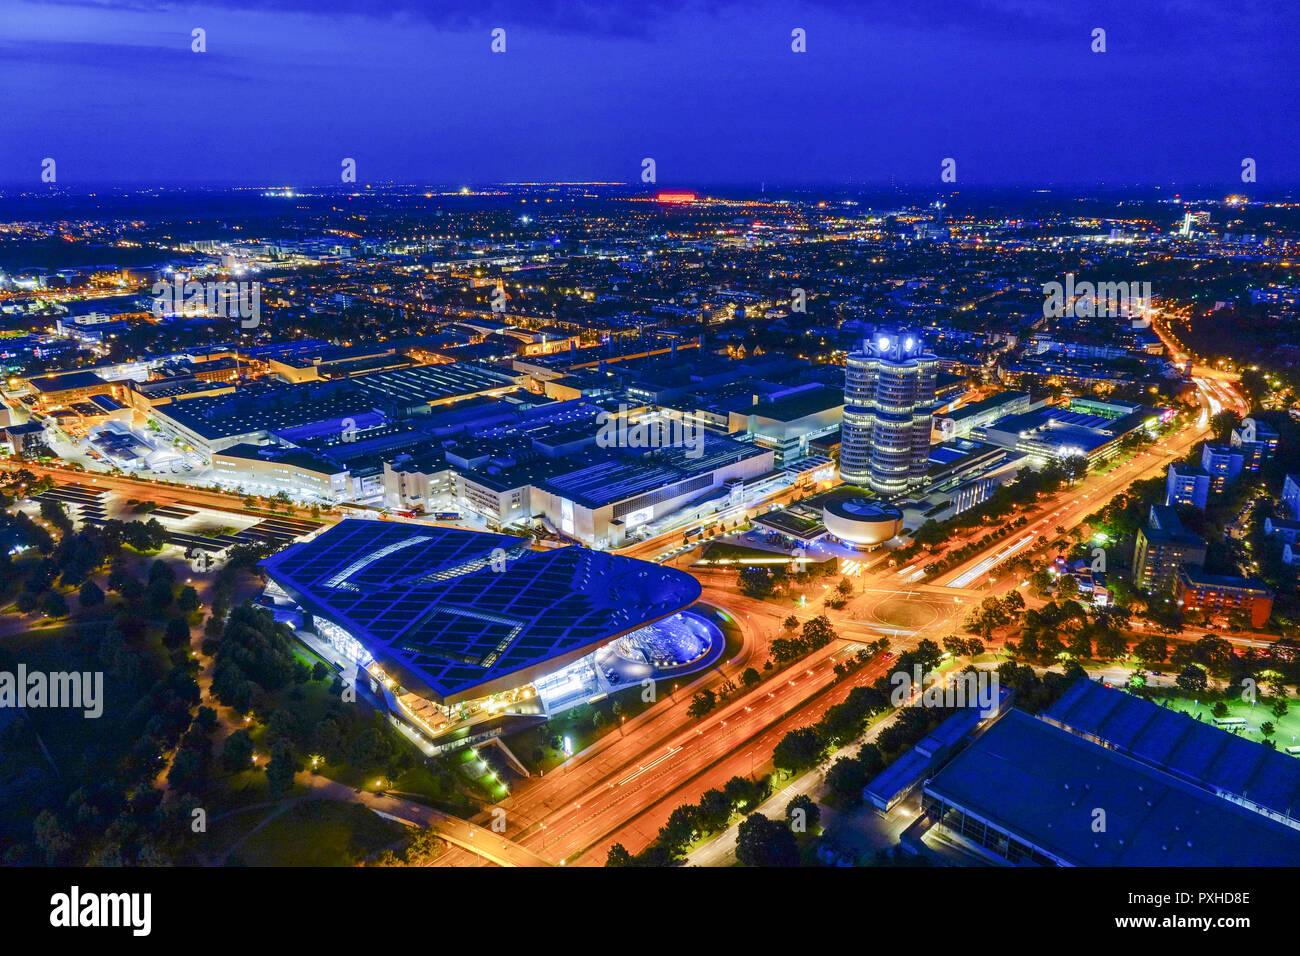 Blick auf die BMW-Welt und Hauptverwaltung 'BMW-Vierzylinder', München, Bayern, Deutschland, Europa, Look at the BMW Welt and Headquarters 'BMW four-c - Stock Image